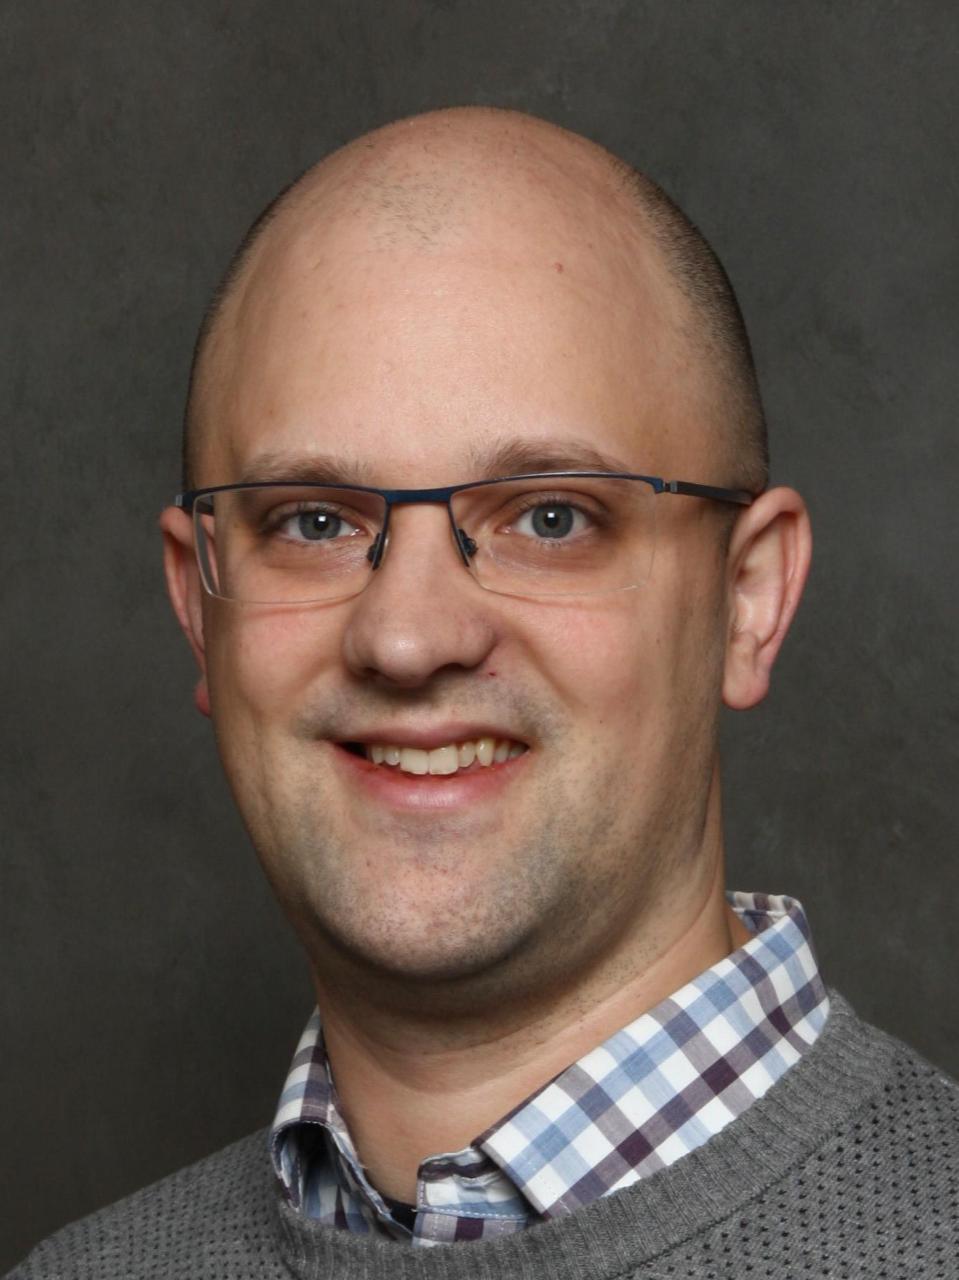 Rev. Brent Karding